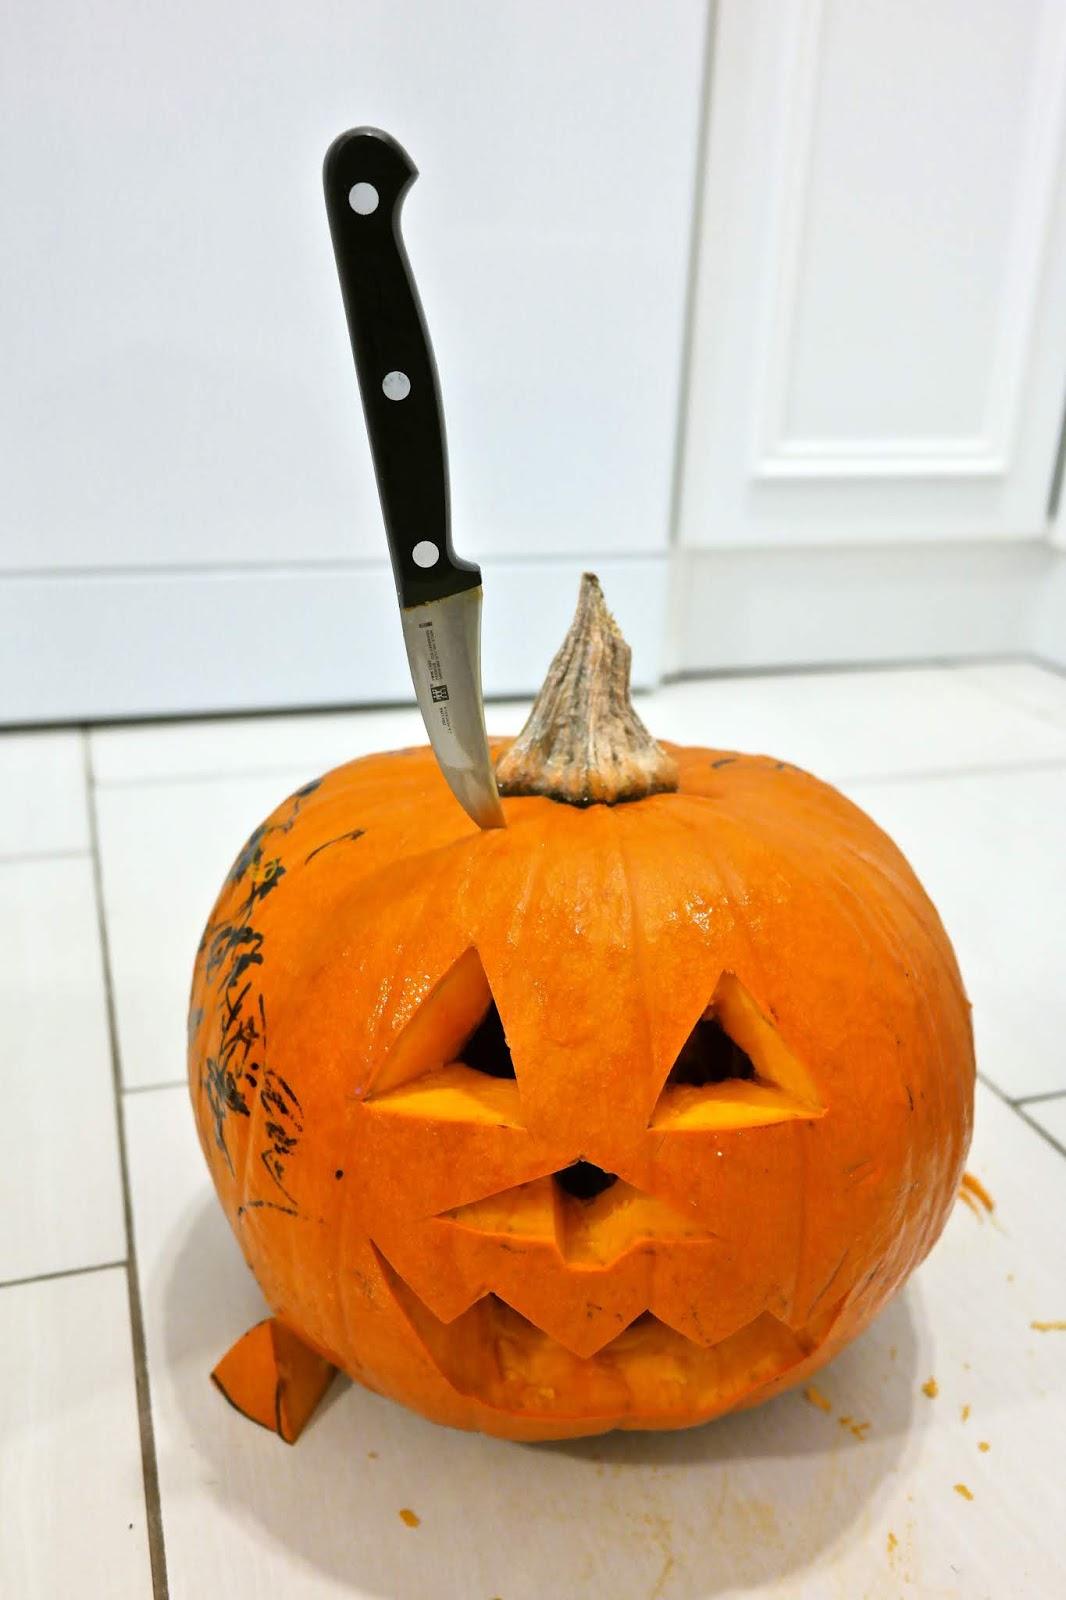 mały nożyk do obierania warzyw